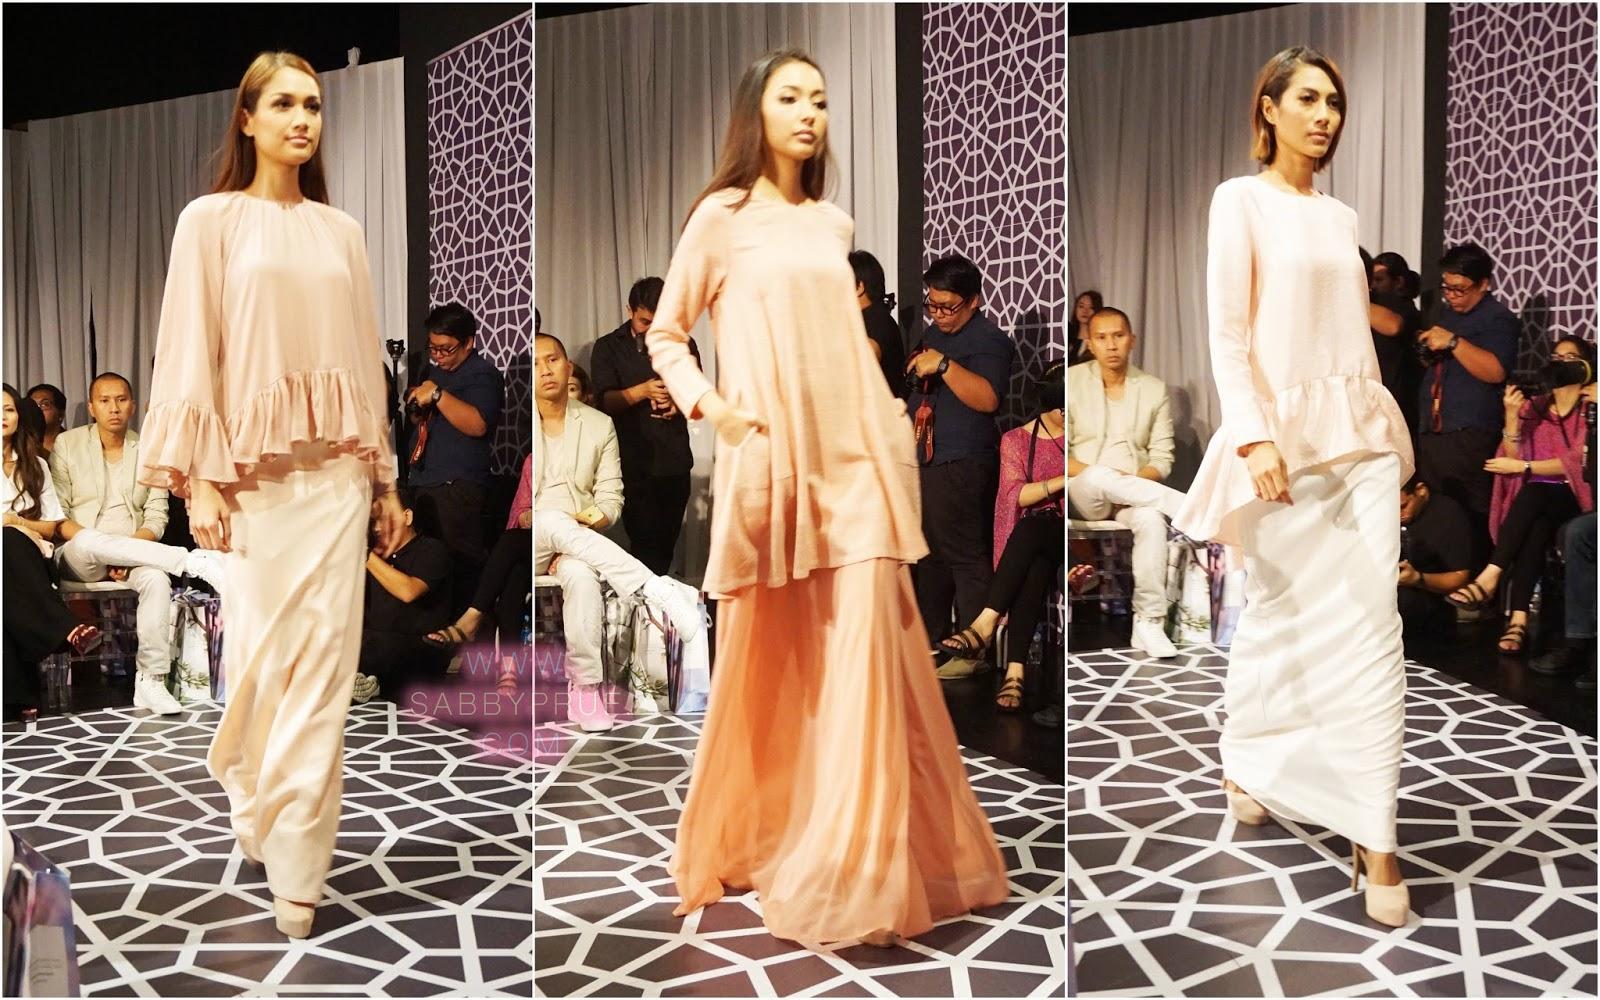 Gaya Koleksi Raya @ Fashion Valet - ♥ Sabby Prue